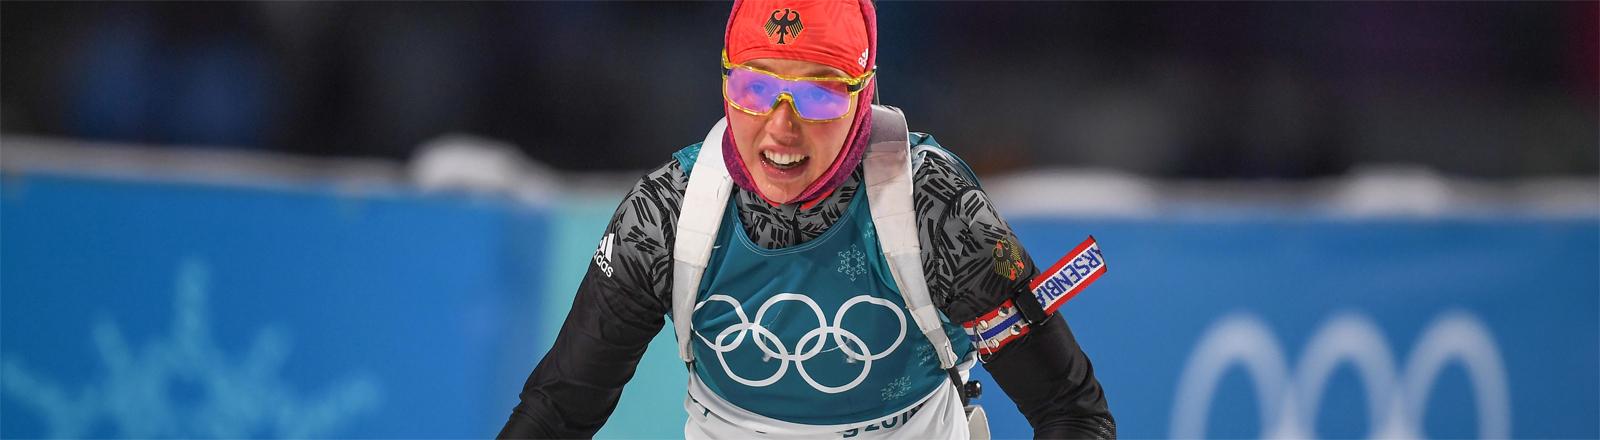 Die deutsche Biathletin Laura Dahlmeier bei den Olympischen Winterspielen in Pyeongchang